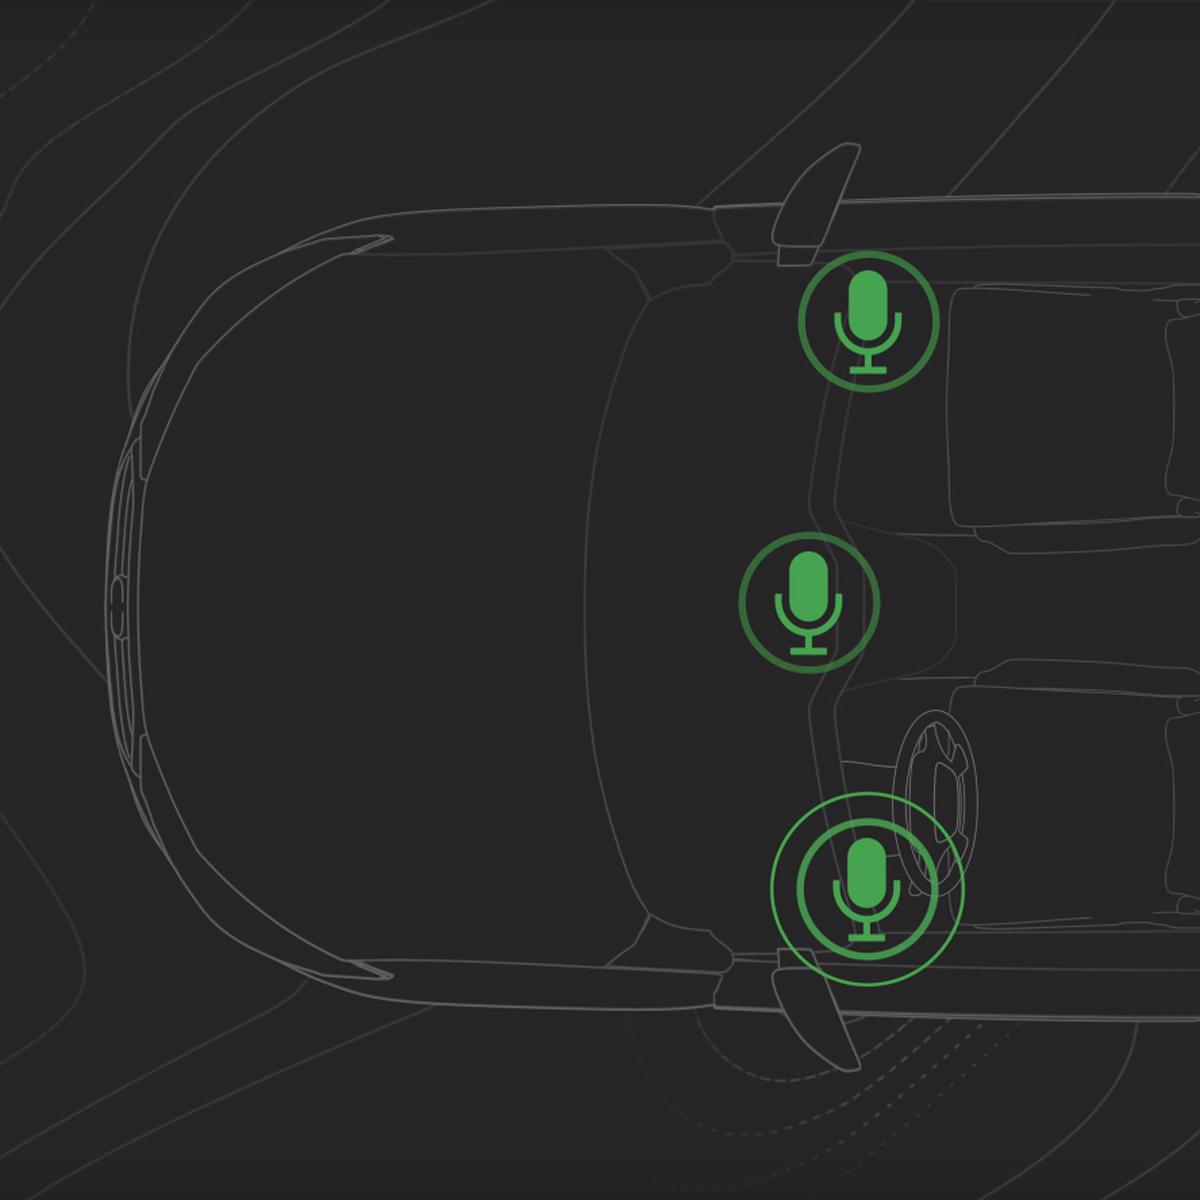 自動車までノイキャン! Boseが走行騒音を軽減する音響システムを発表